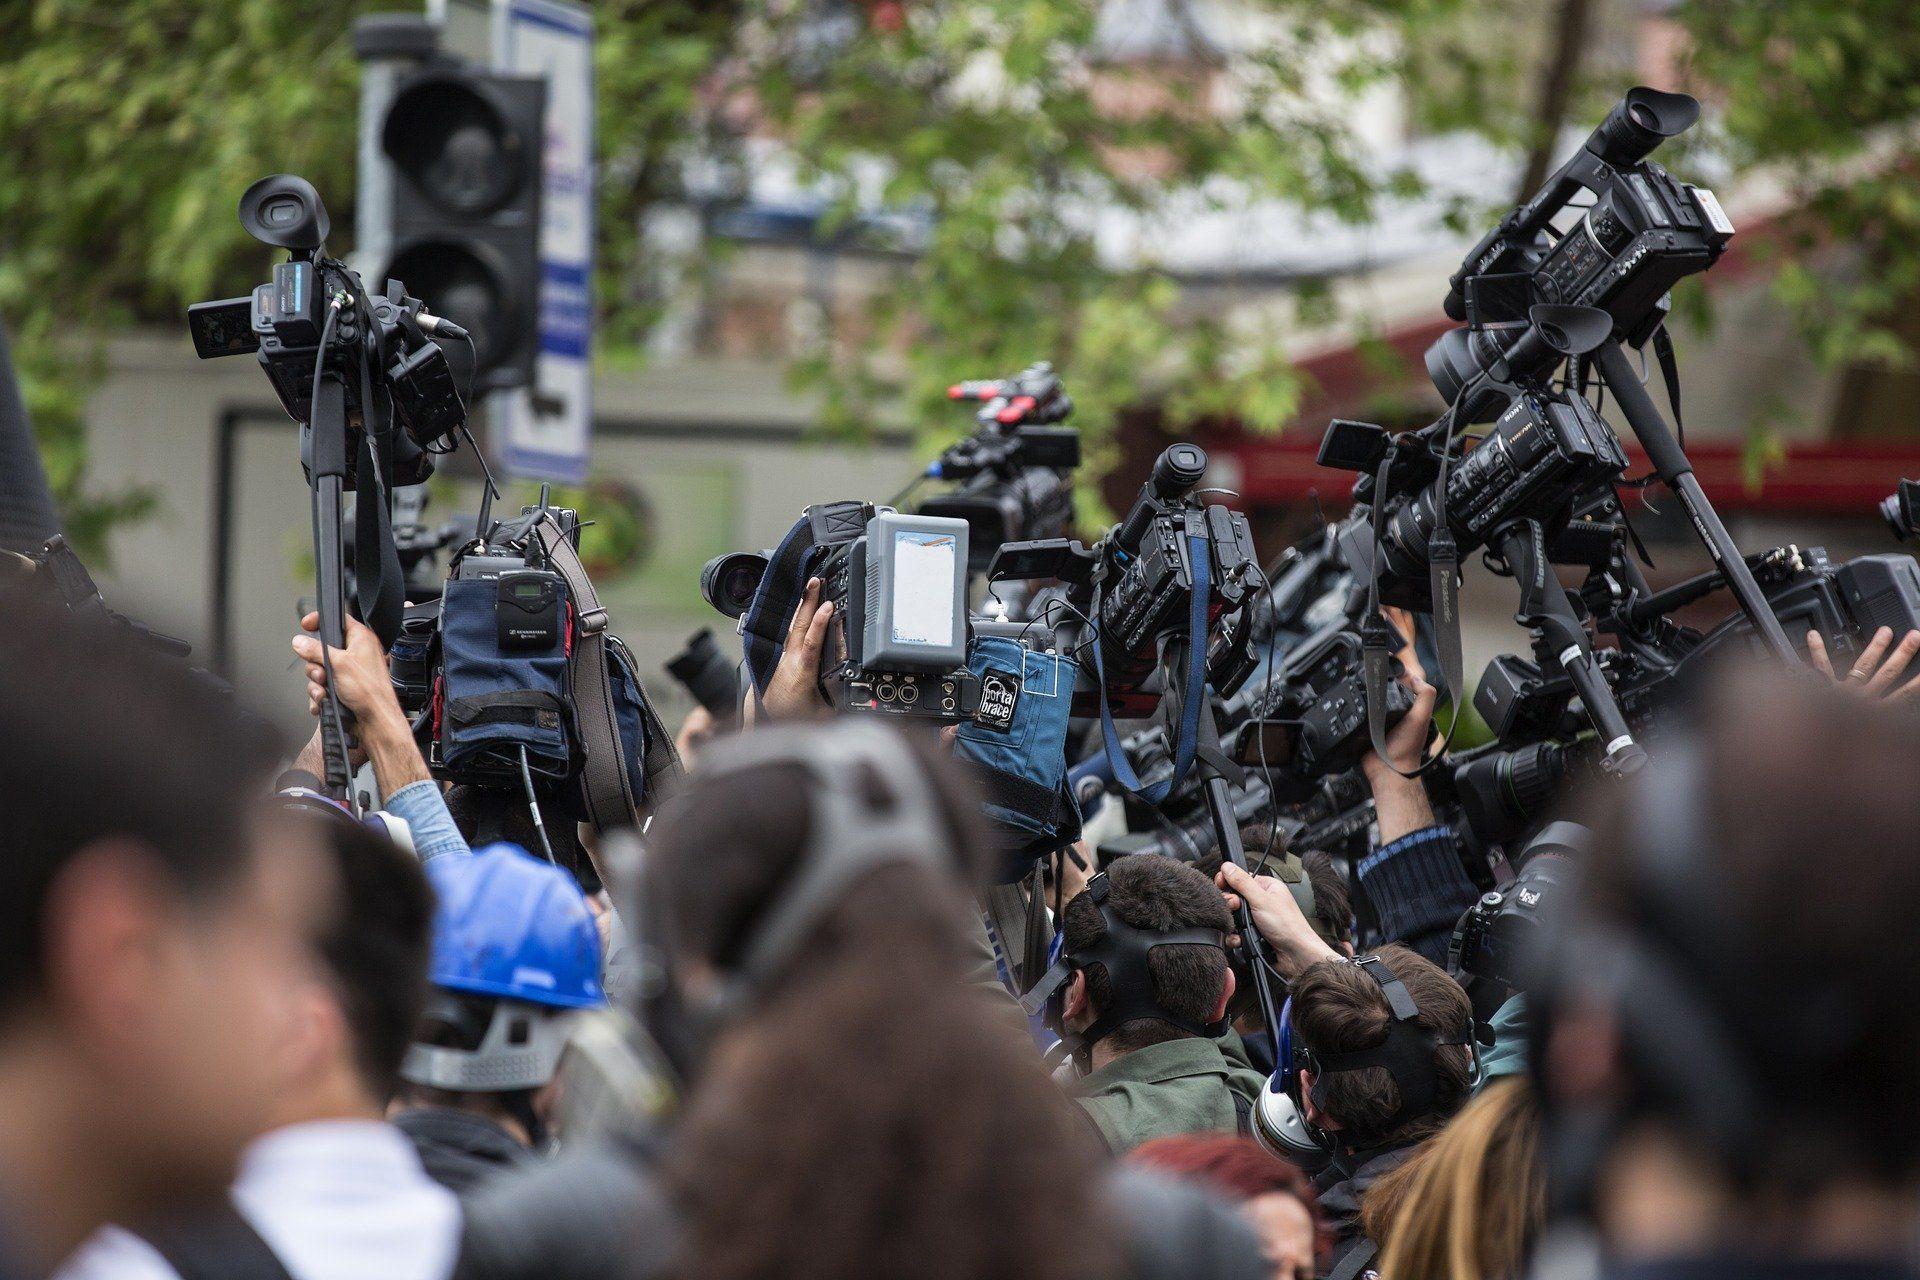 periodistas-en-mexico-sufren-acoso-de-bots-de-seguidores-de-amlo